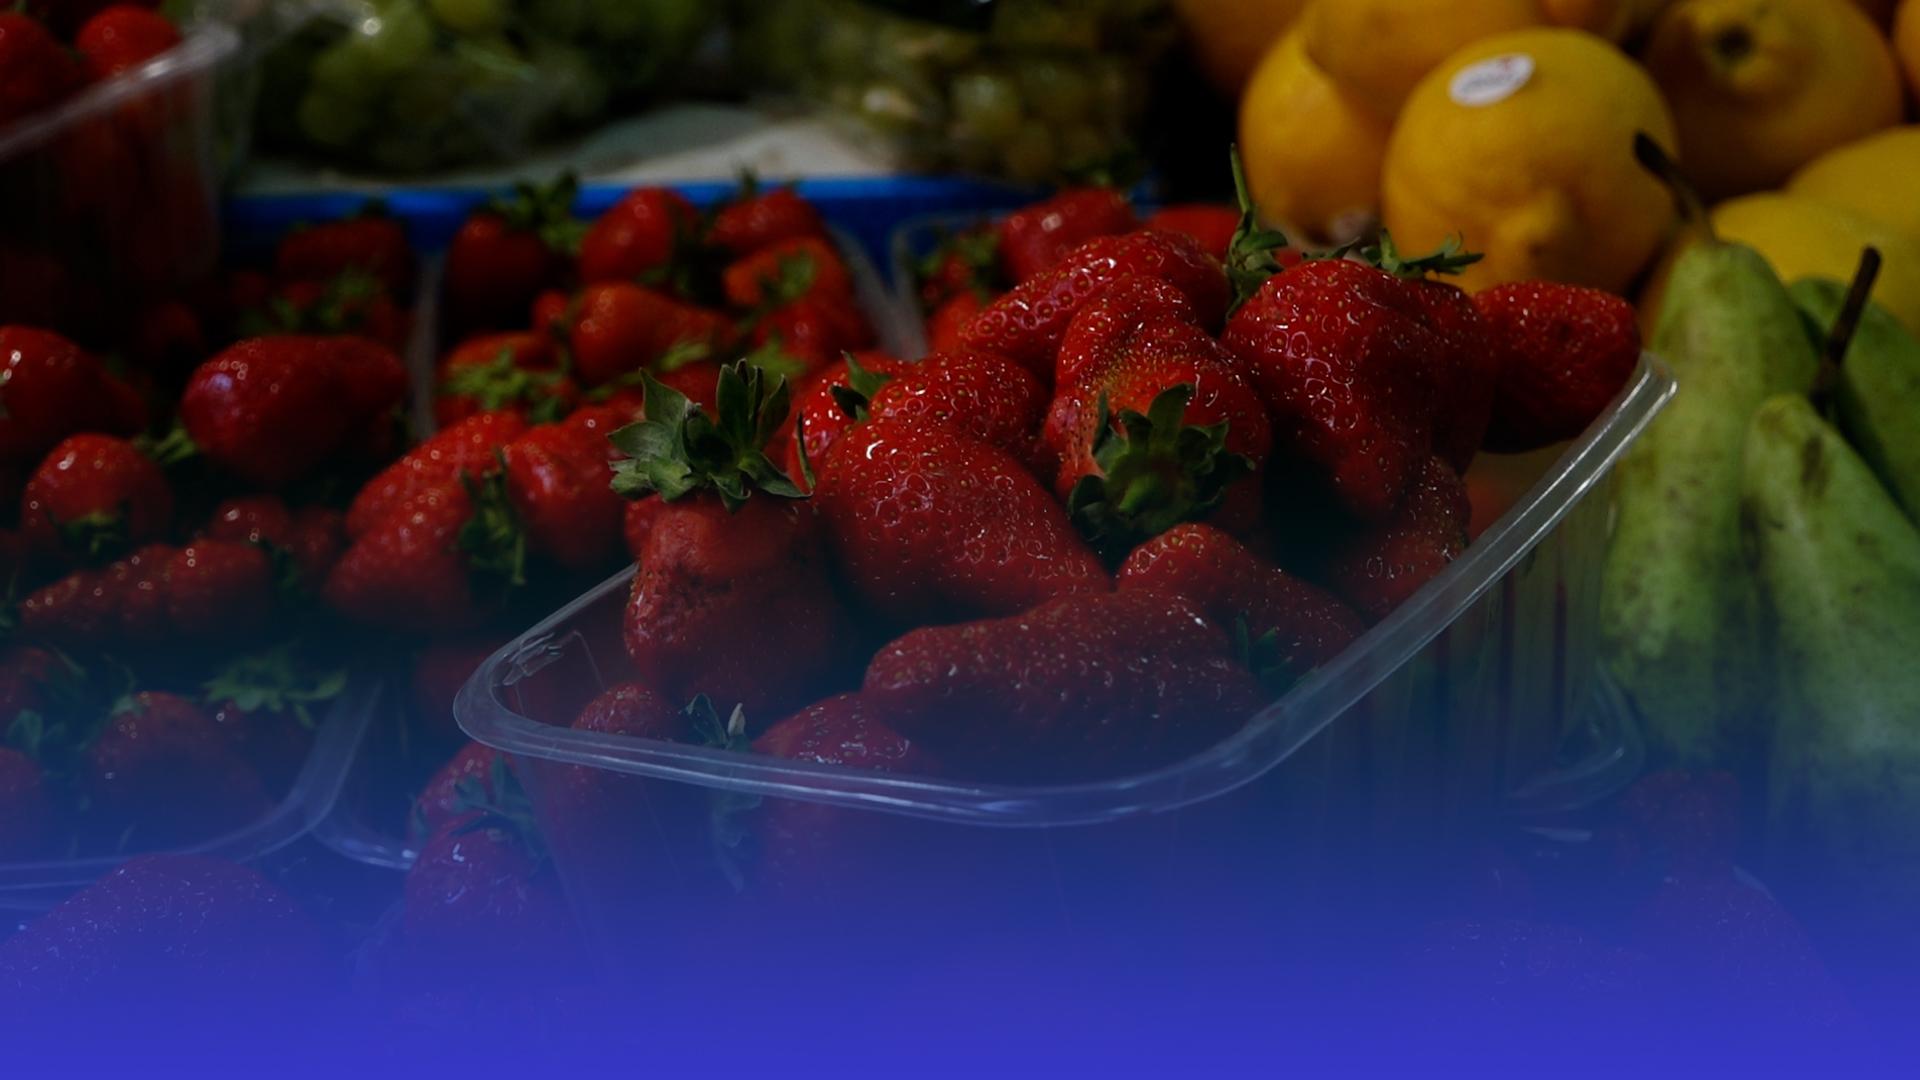 На вагу золота: яка ціна на полуницю у Тернополі